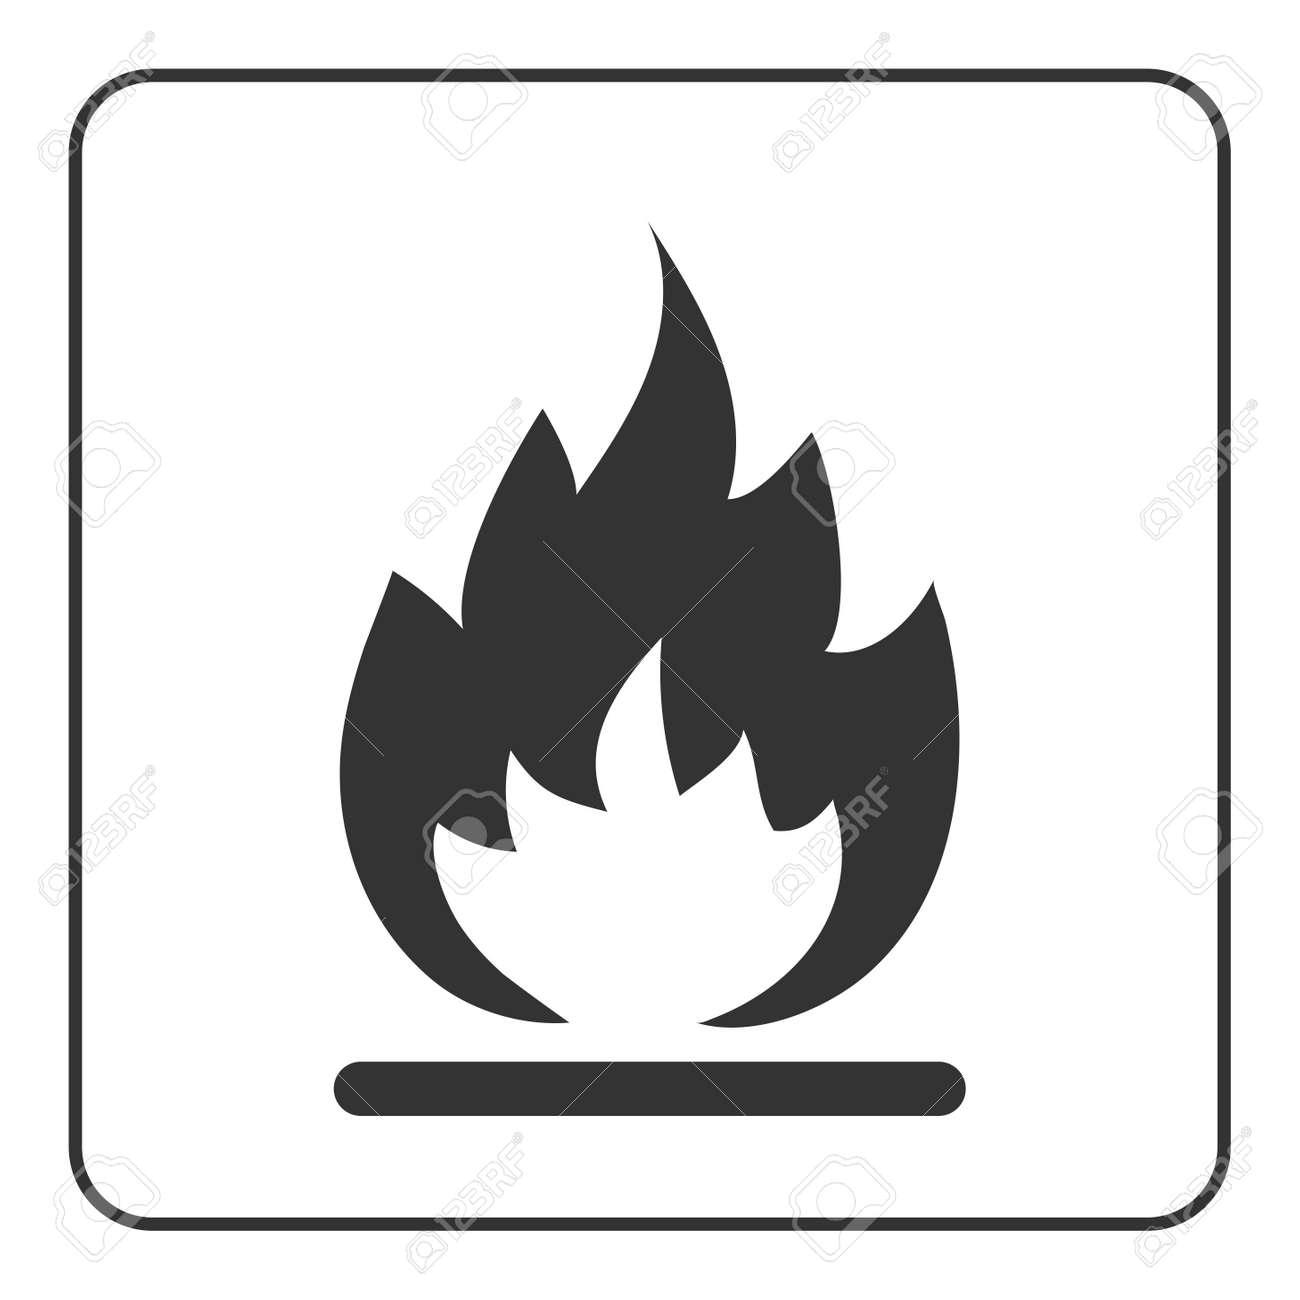 Icône De Feu Signe De Flamme Chaude Silhouette Abstraite Noire Isolée Sur Fond Blanc élément Graphique De Dessin Brûlure De Symbole Danger